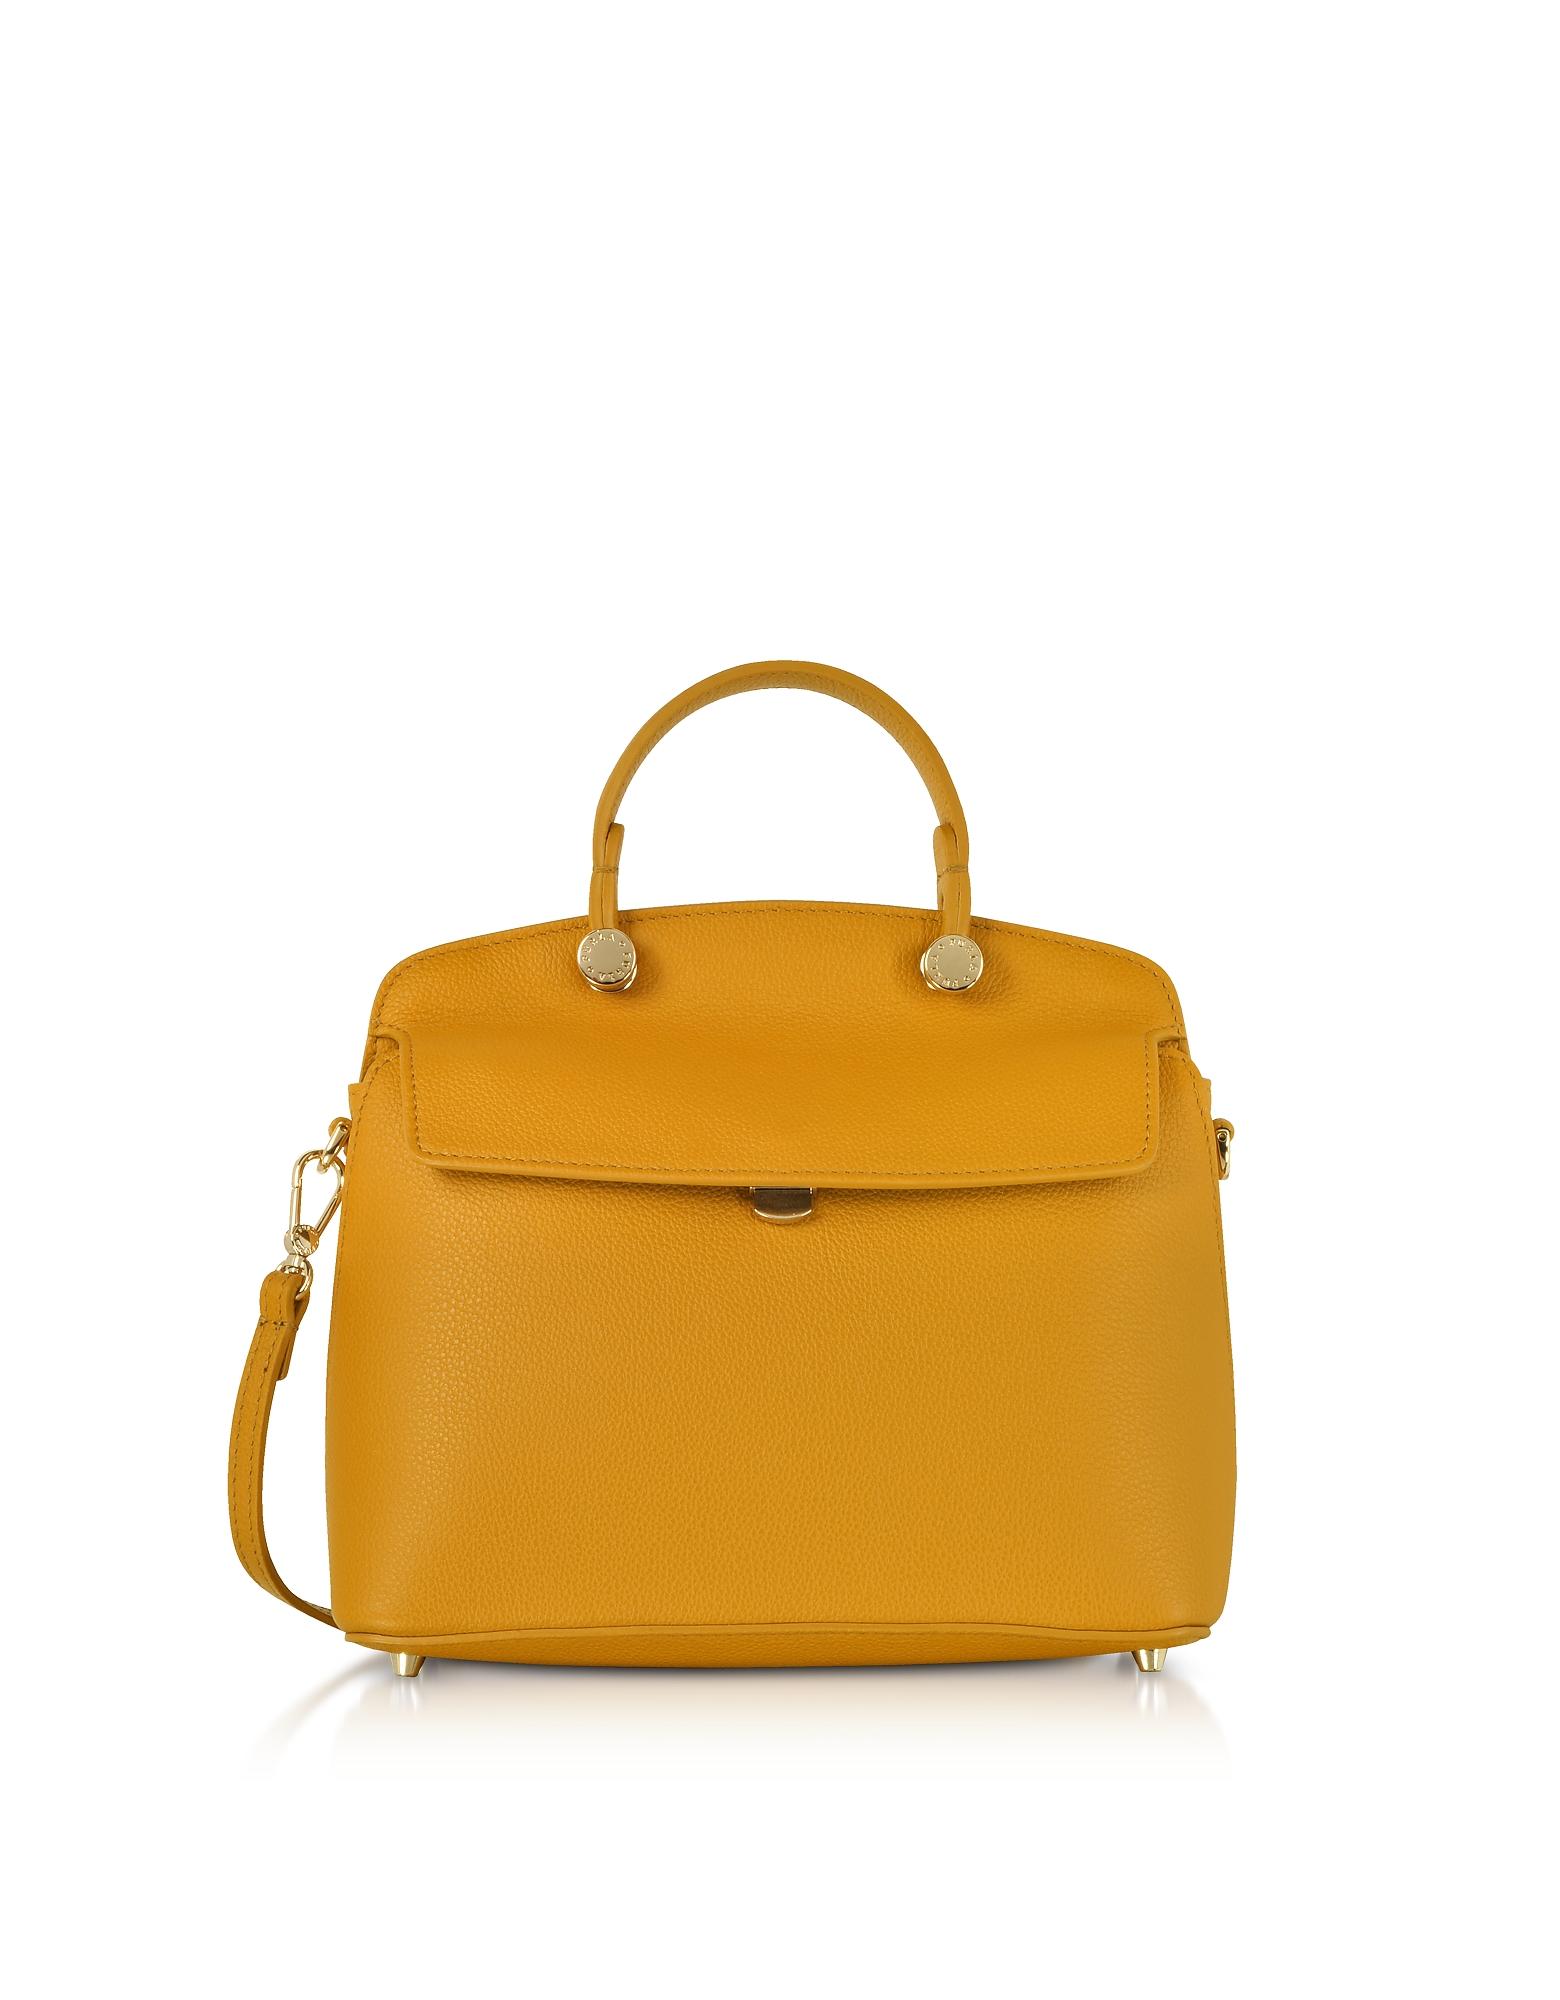 Furla Handbags, My Piper Small Top Handle Satchel Bag